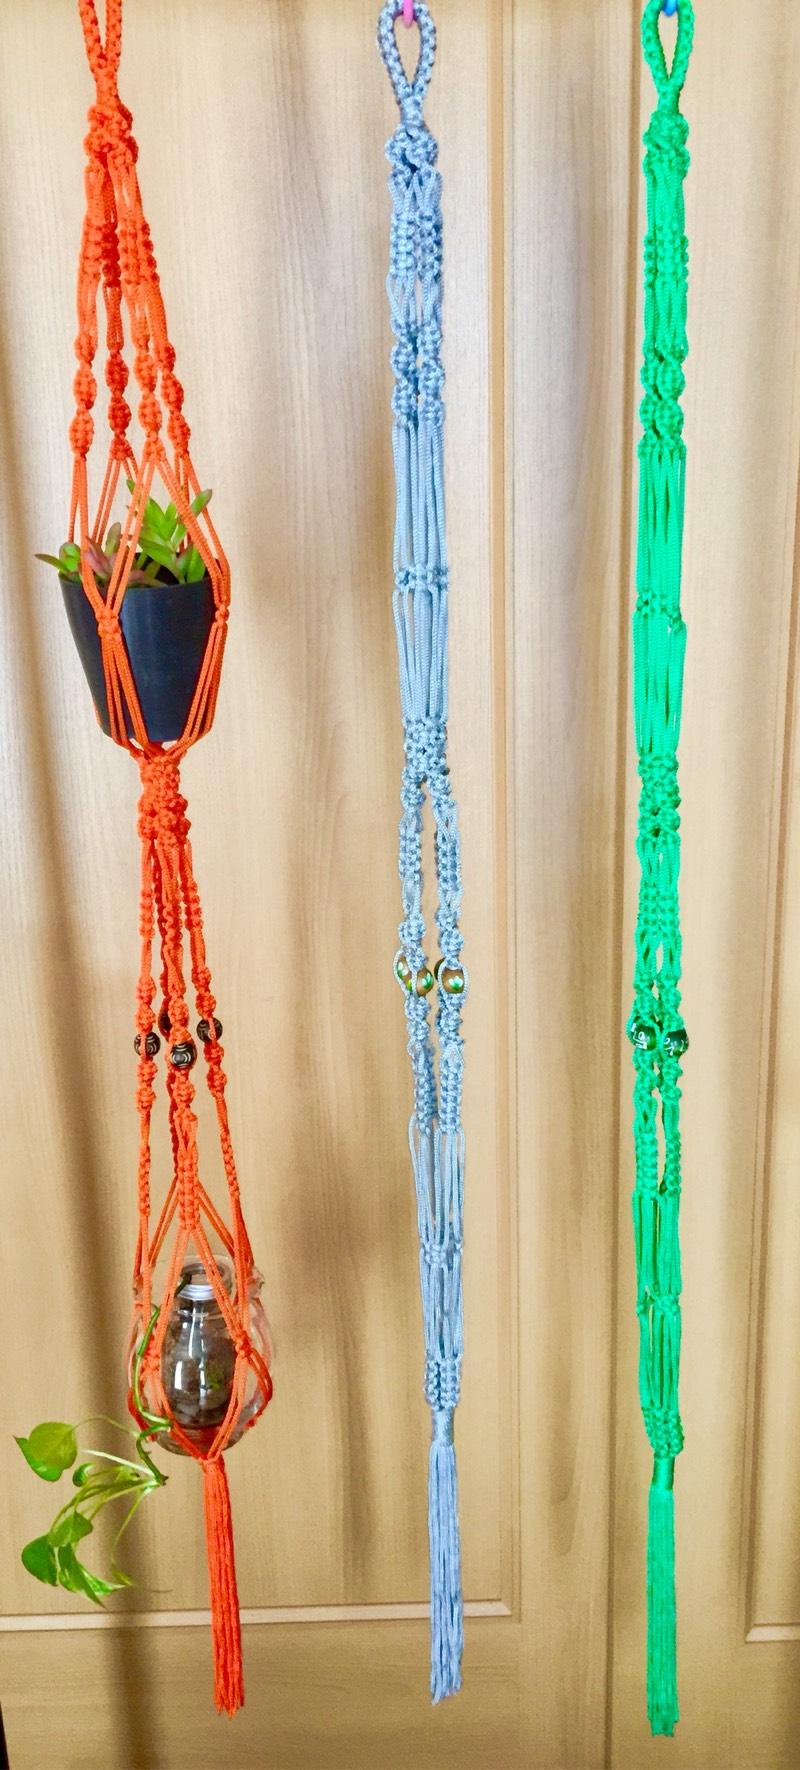 中国结论坛 吊挂植物架都完工 吊挂,植物,完工,垂吊植物大全,耐阴的垂吊植物有哪些 作品展示 221741lpvdwl9d9dlvr9de